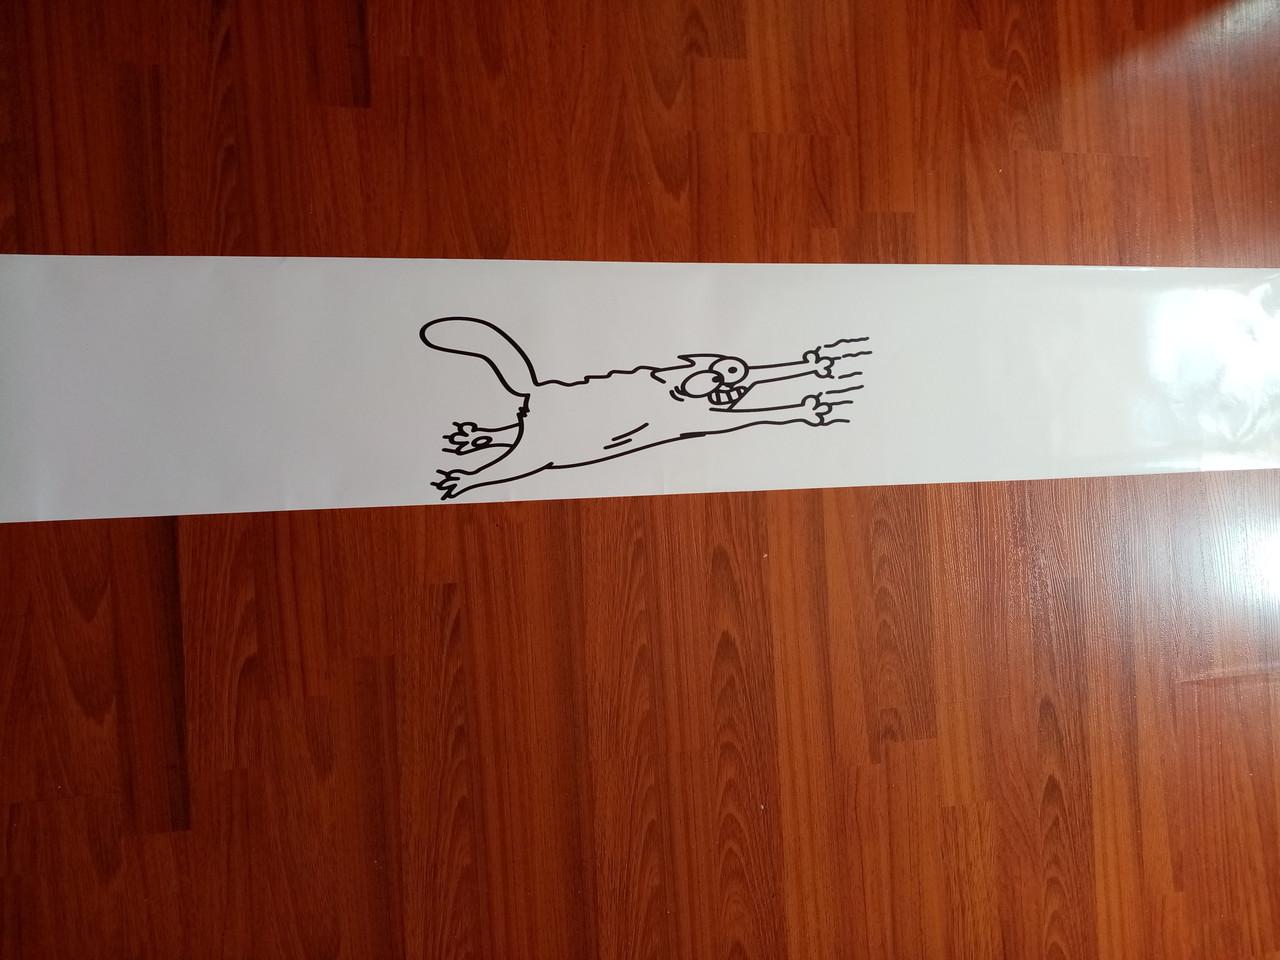 Заказ покупателя белая наклейка на лобовое стекло САЙМОН СКОЛЬЗЯЩИЙ   2 метра х 25 см